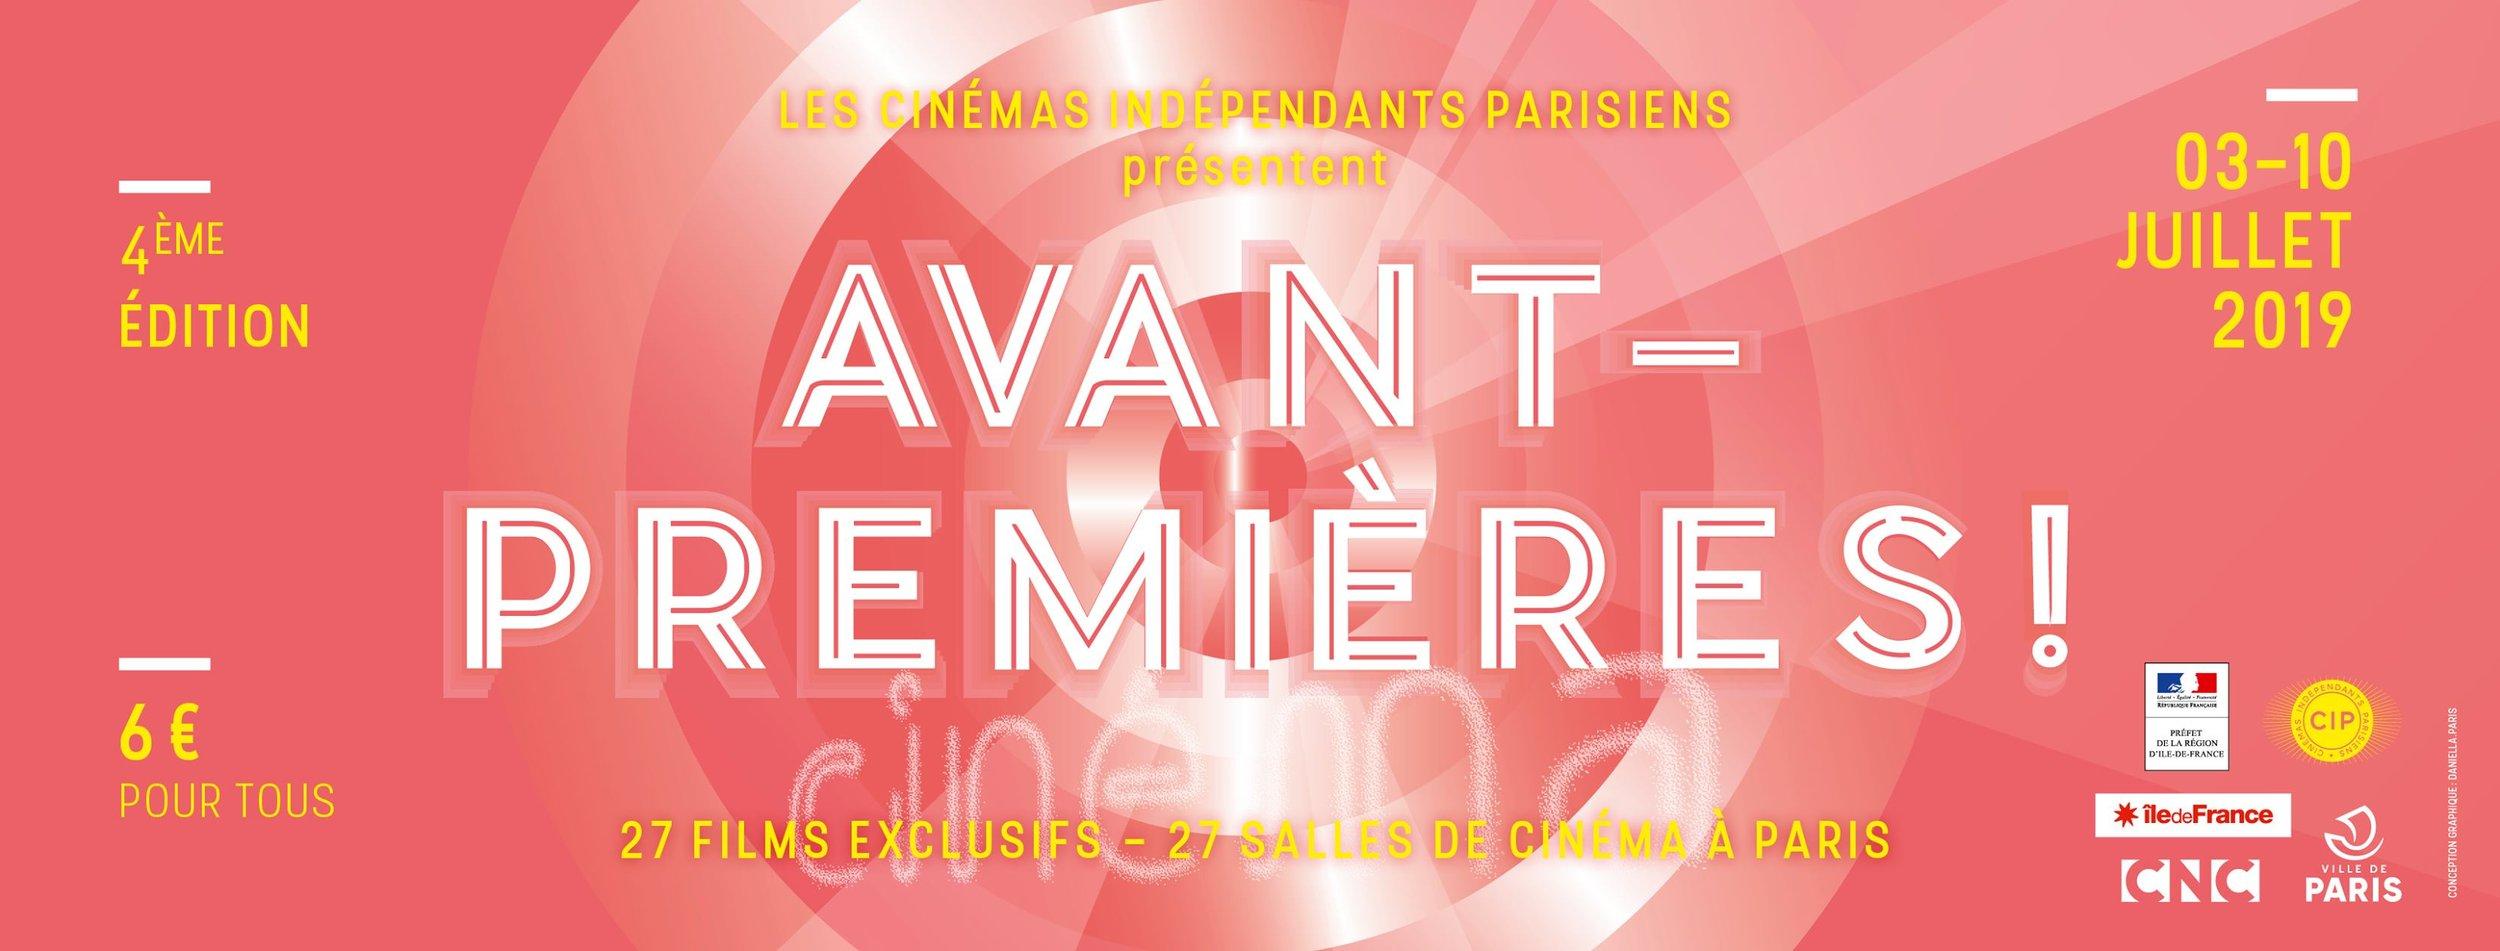 event-avant-premières-cip-culturclub.jpg